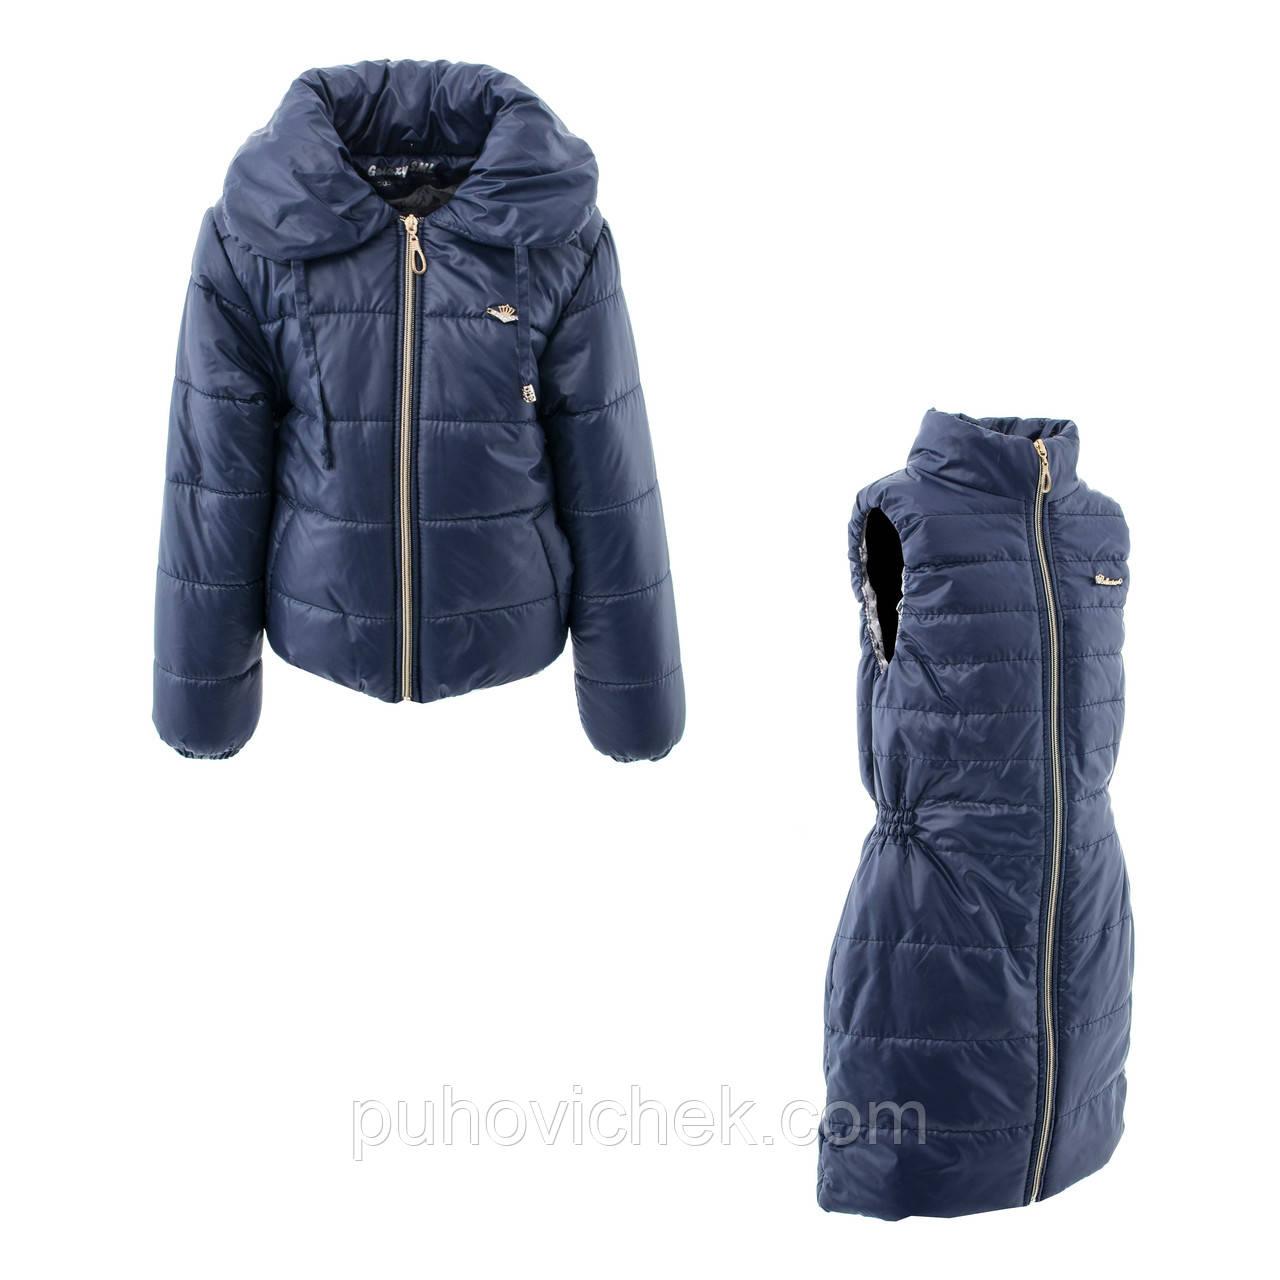 Демисезонные куртки детские для девочек размеры 122-140